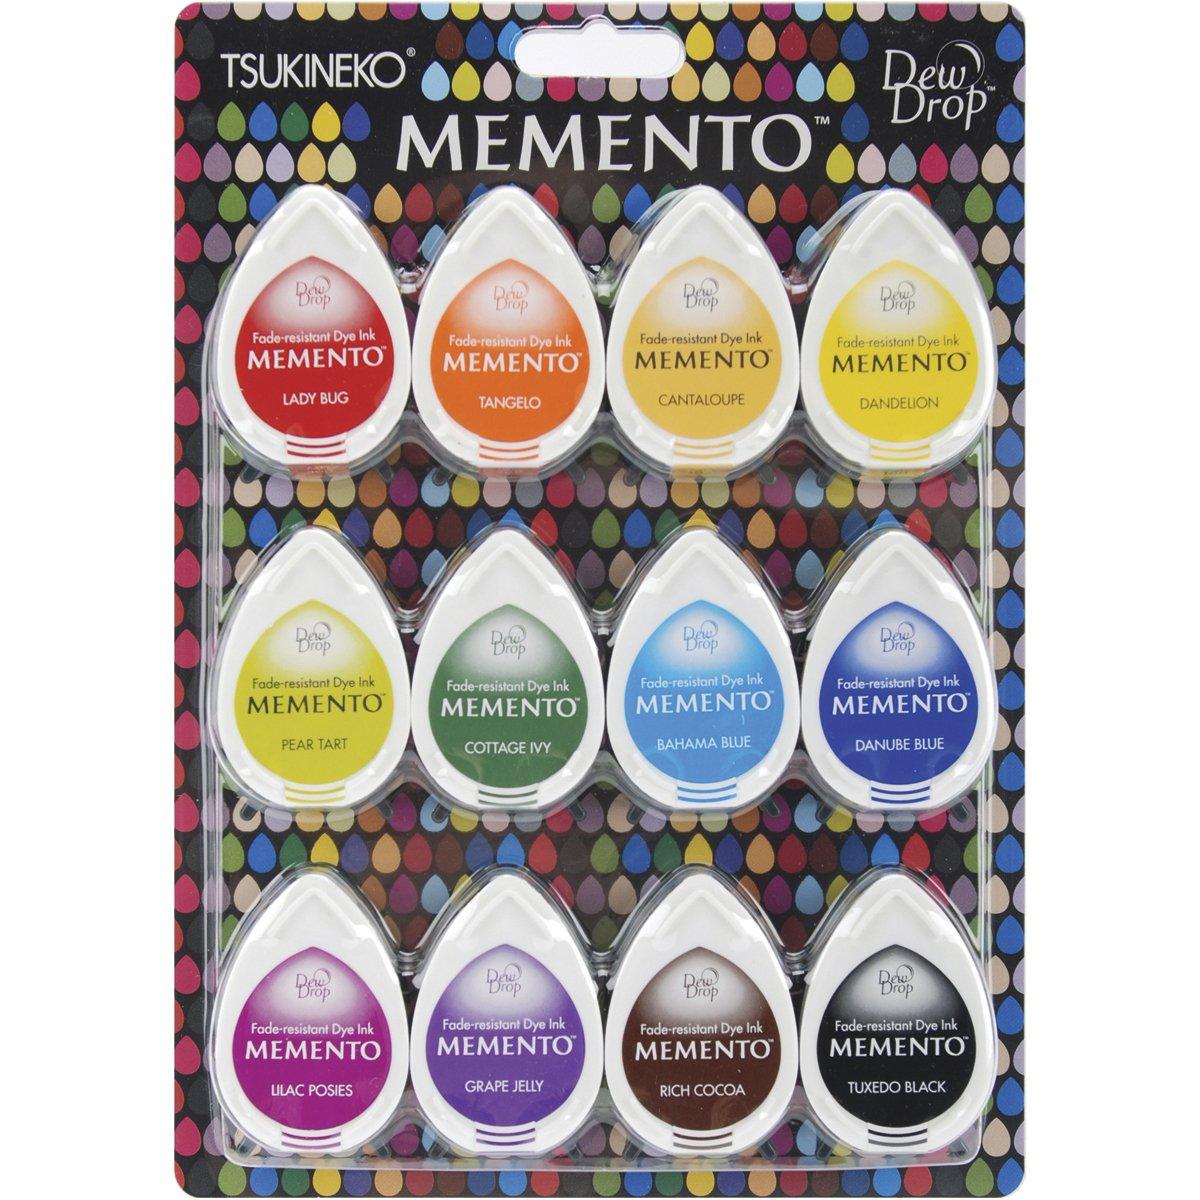 Tsukineko MD-012-100 12-Piece Assortment Memento Dew Drops Fade-Resistant, Gum Drops